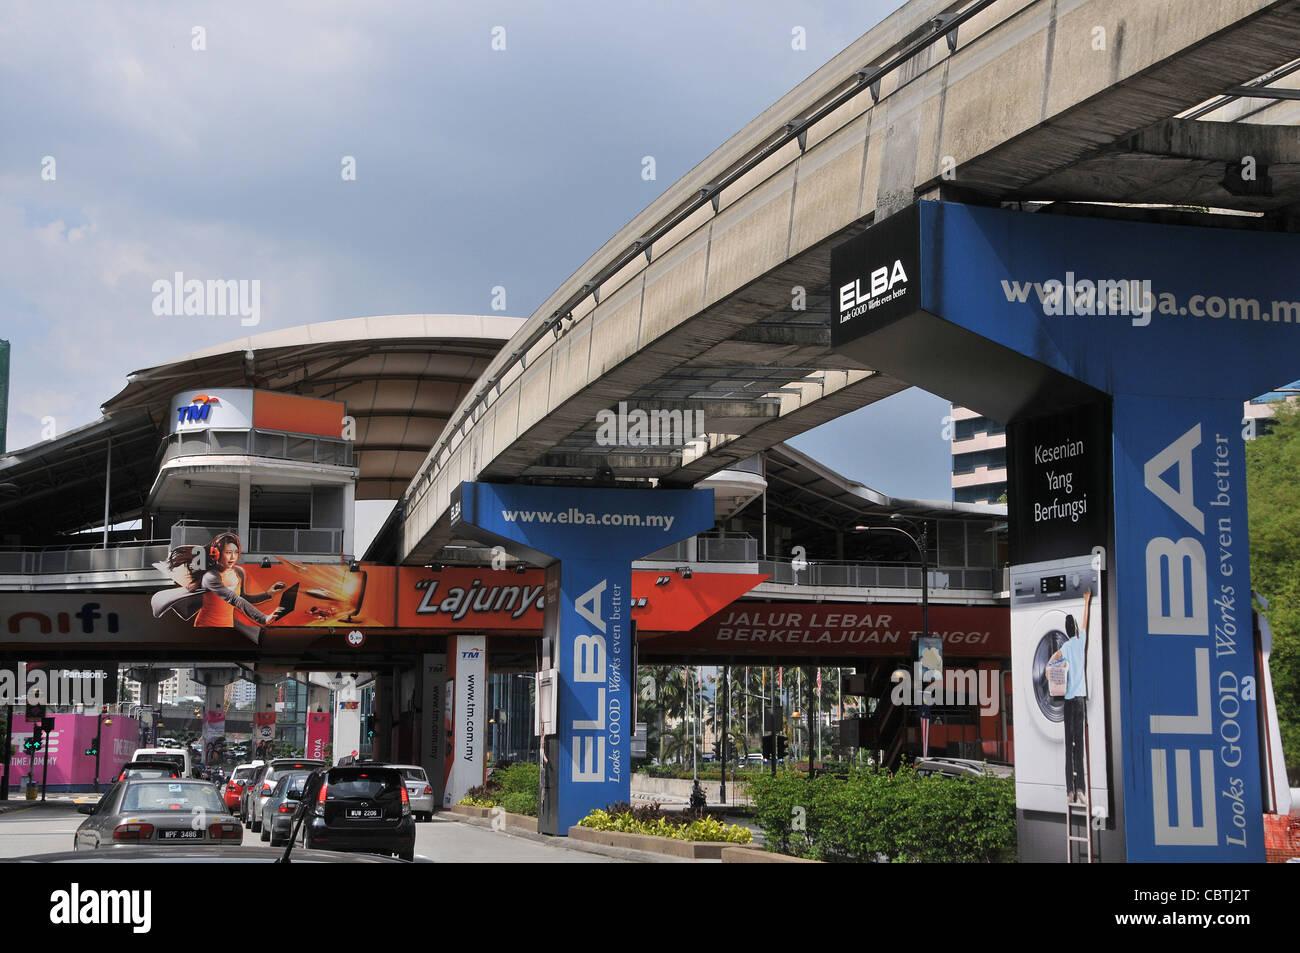 KL monorail station Kuala Lumpur Malaysia - Stock Image